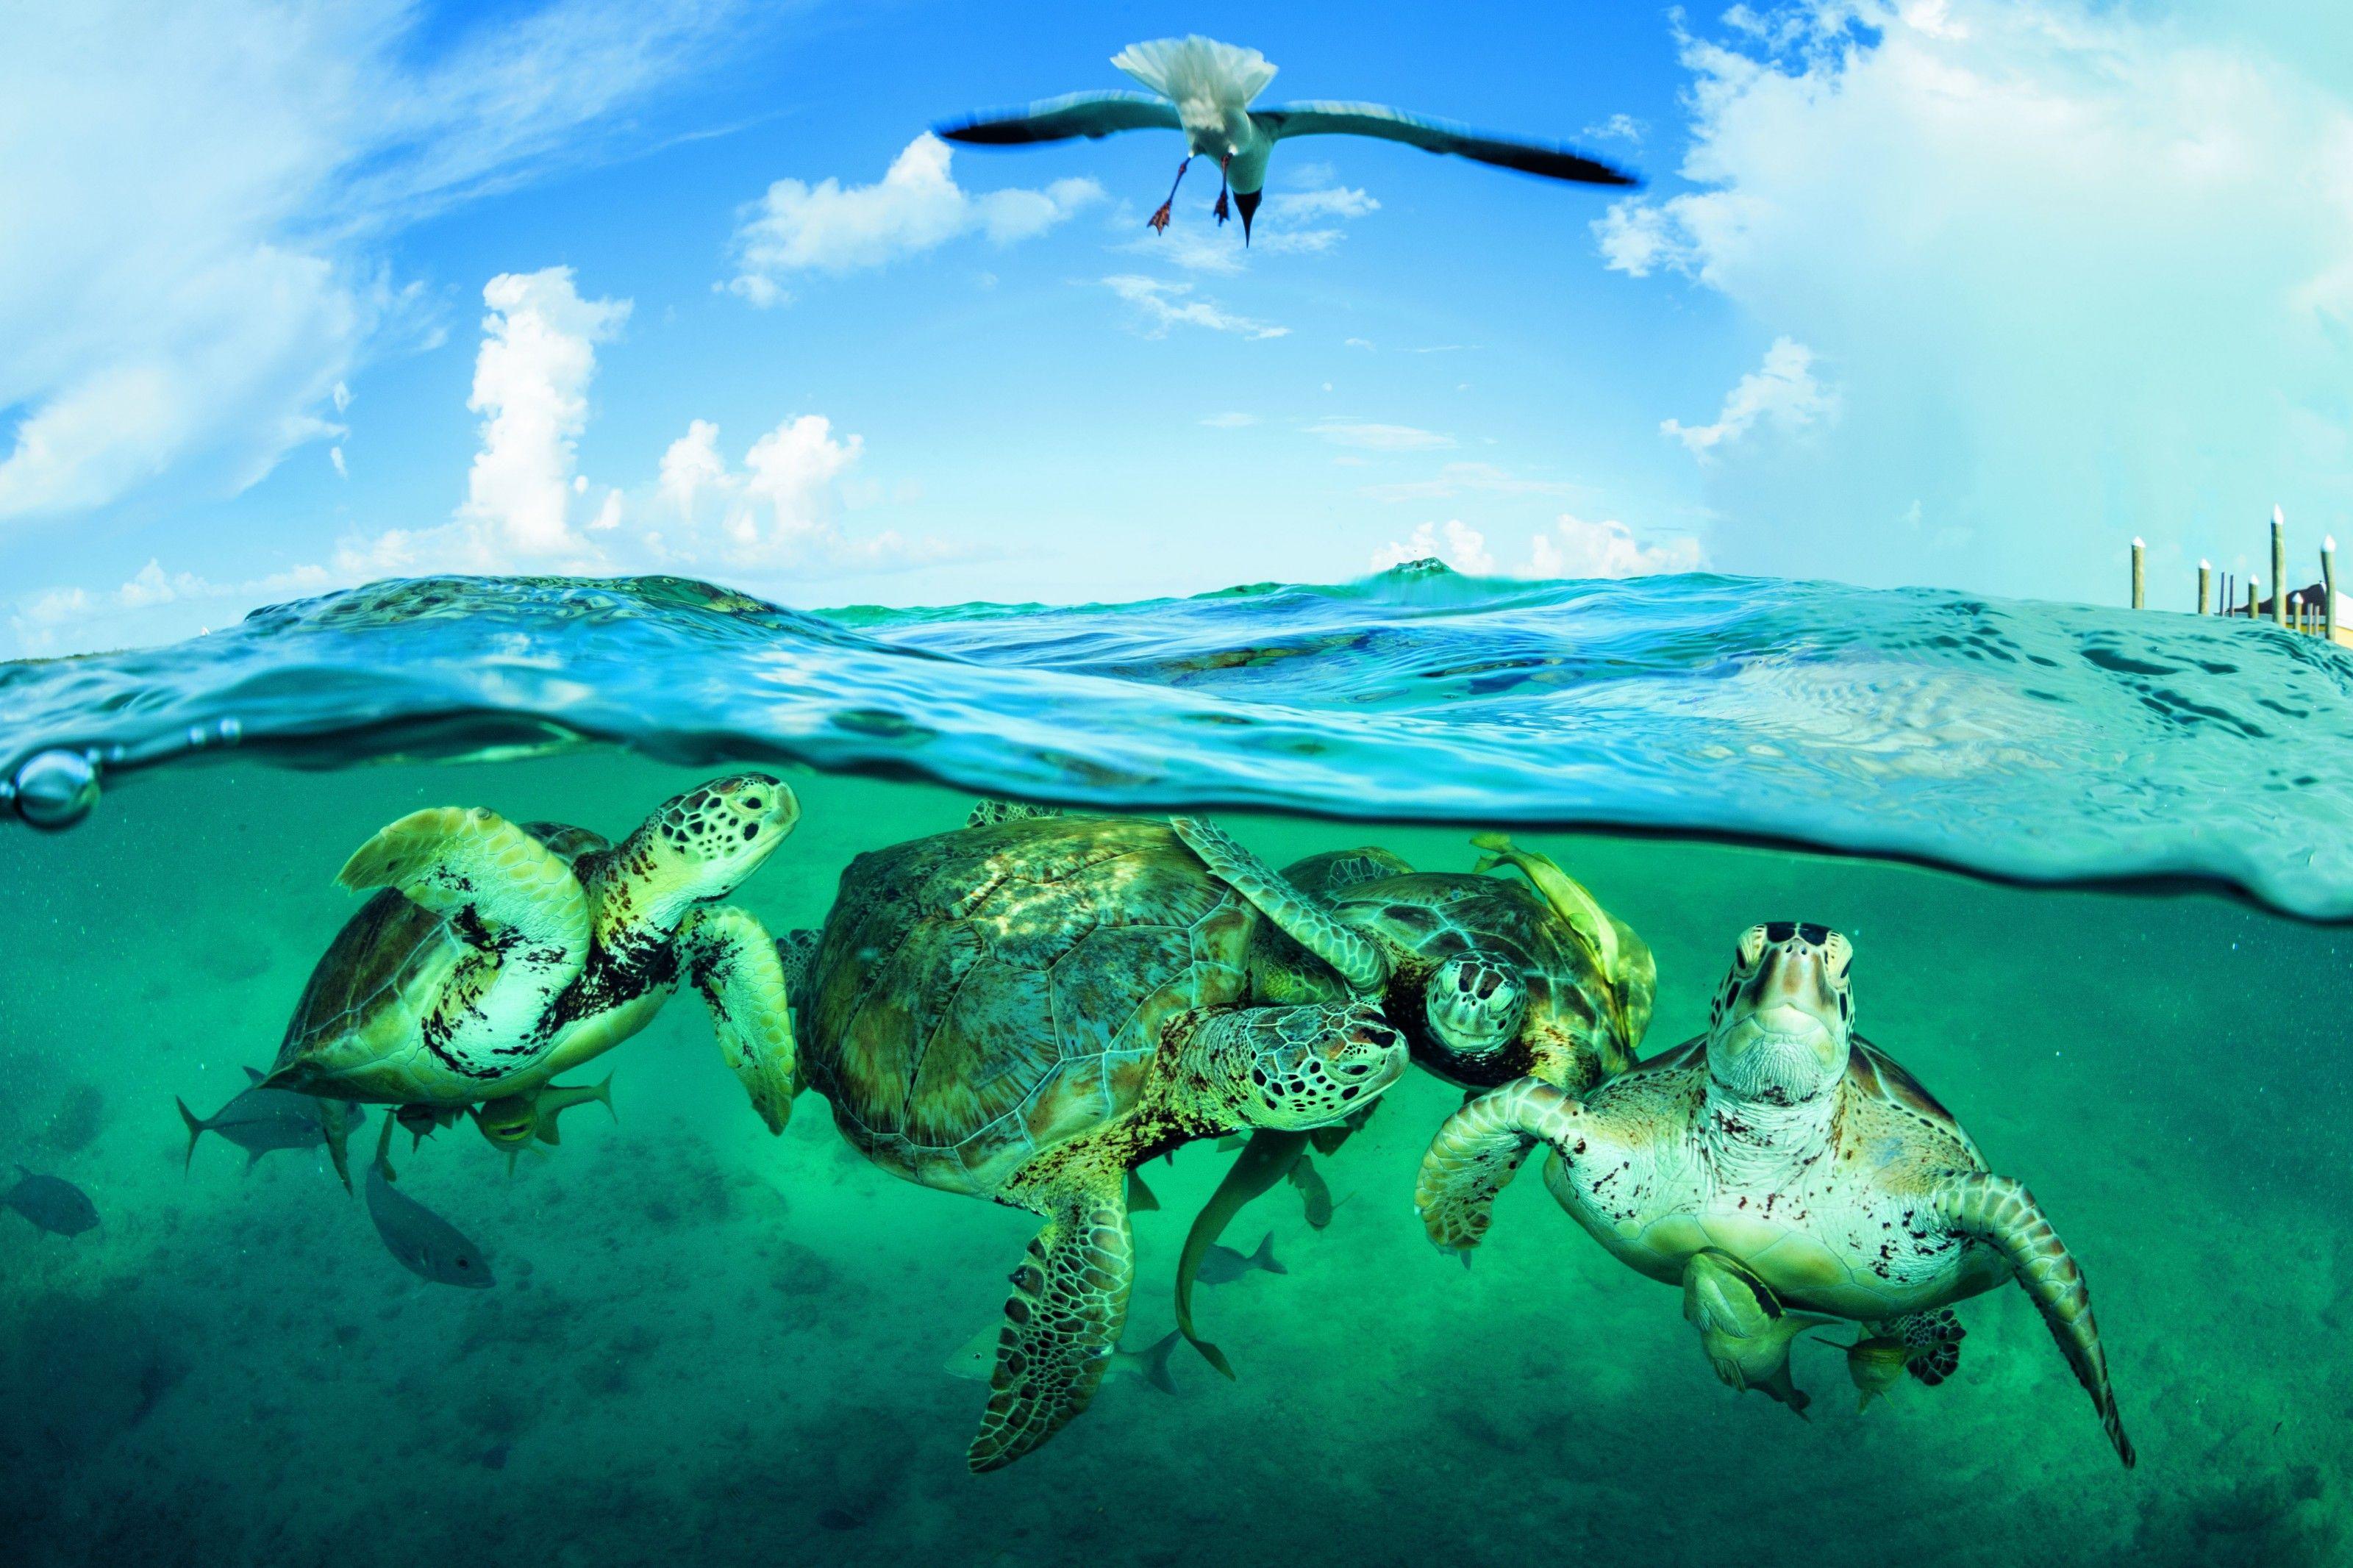 Au Costa-Rica, on revend les œufs de tortue pour protéger l'espèce | National Geographic